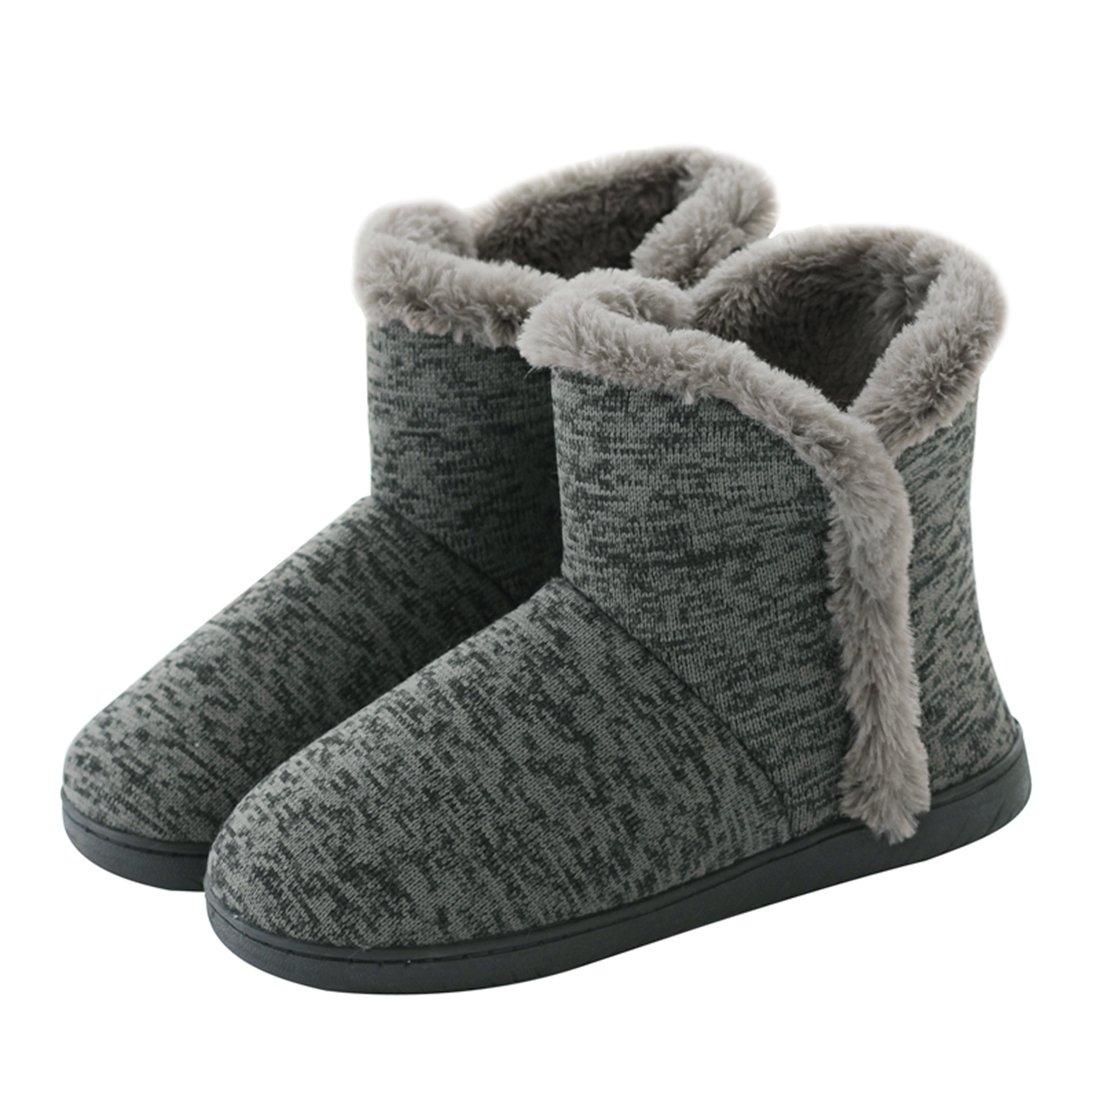 Neeseelily Women Cozy Plush Fleece Bootie Slippers Winter Indoor Outdoor House Shoes (8-8.5 B(M) US, Grey)